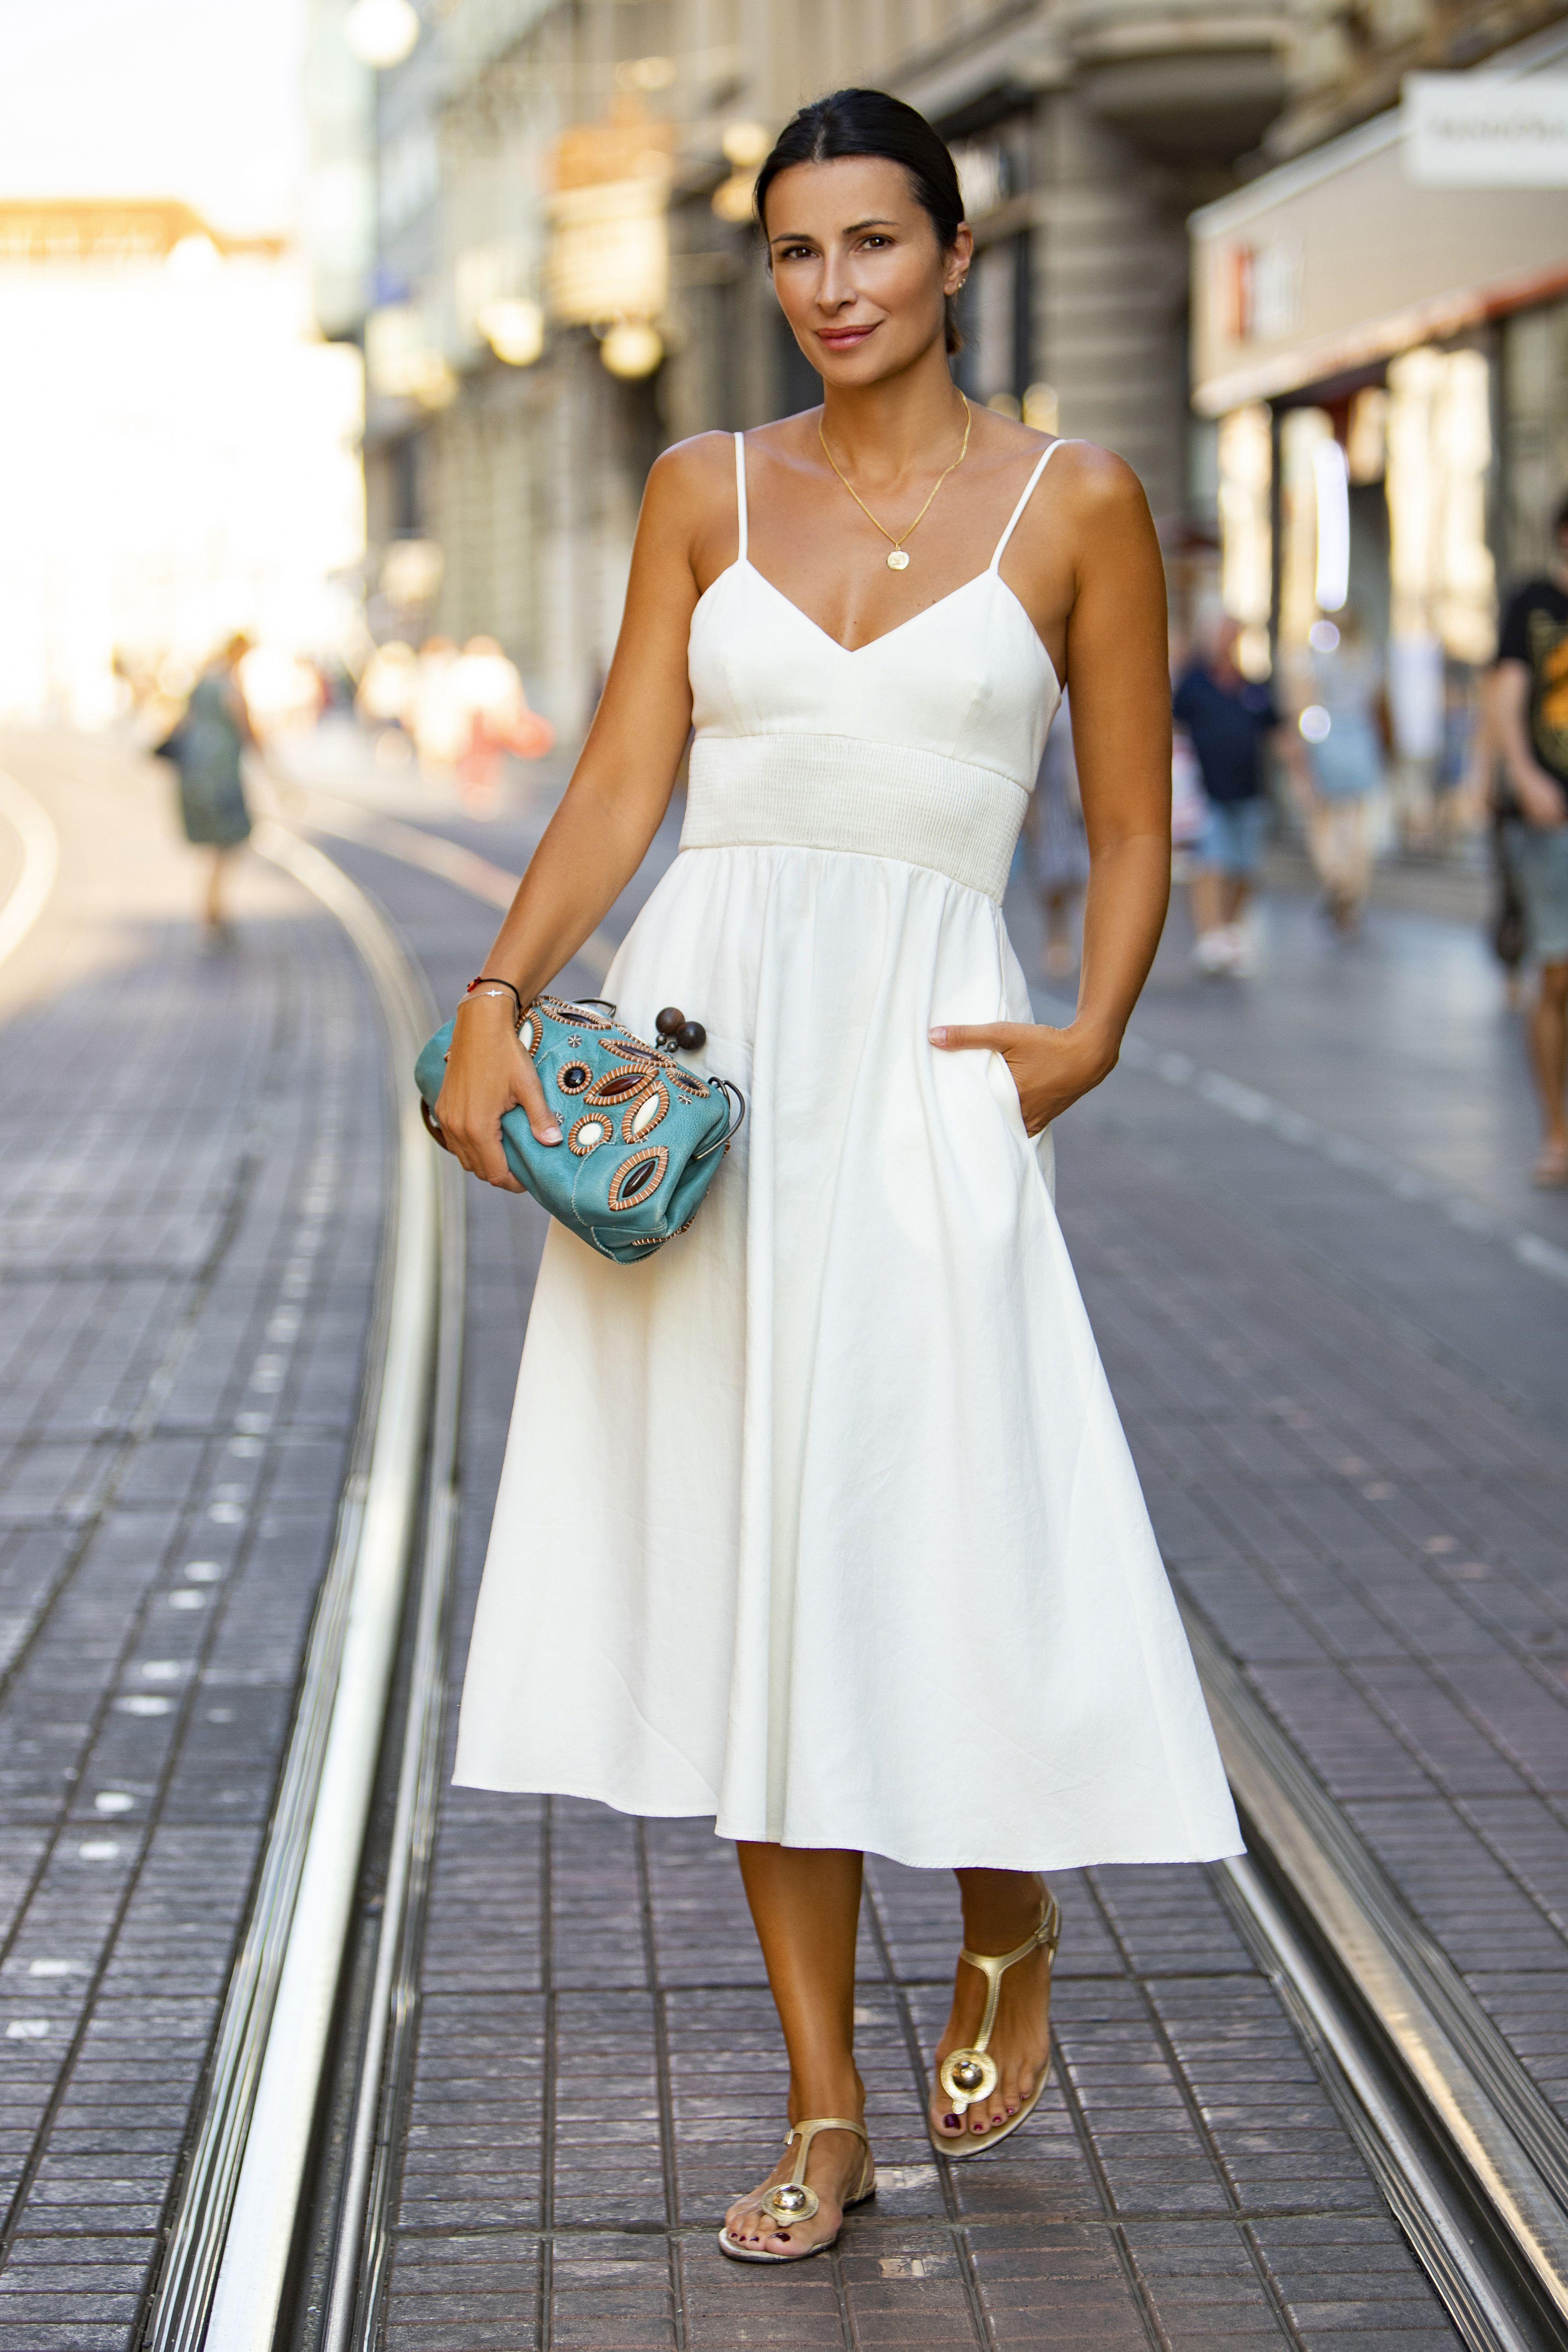 Iris Androšević Pinjuh: 'Išla sam u banku platiti kredit, pa sam se sredila da se bolje osjećam'